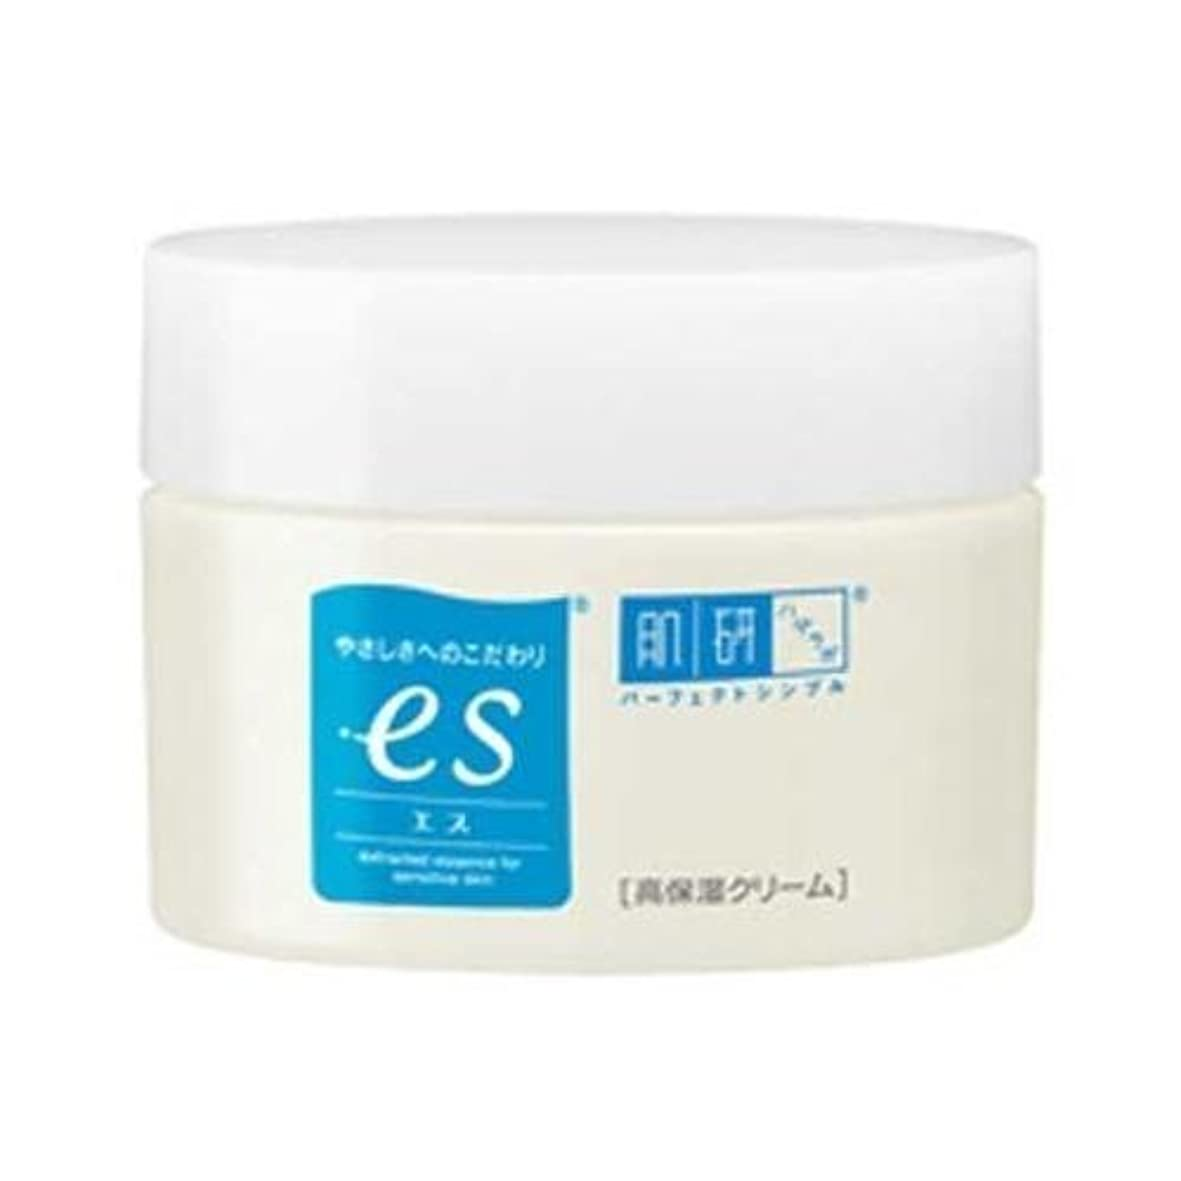 してはいけない華氏平衡肌ラボ es(エス) ナノ化ミネラルヒアルロン酸配合 無添加処方 高保湿クリーム 50g